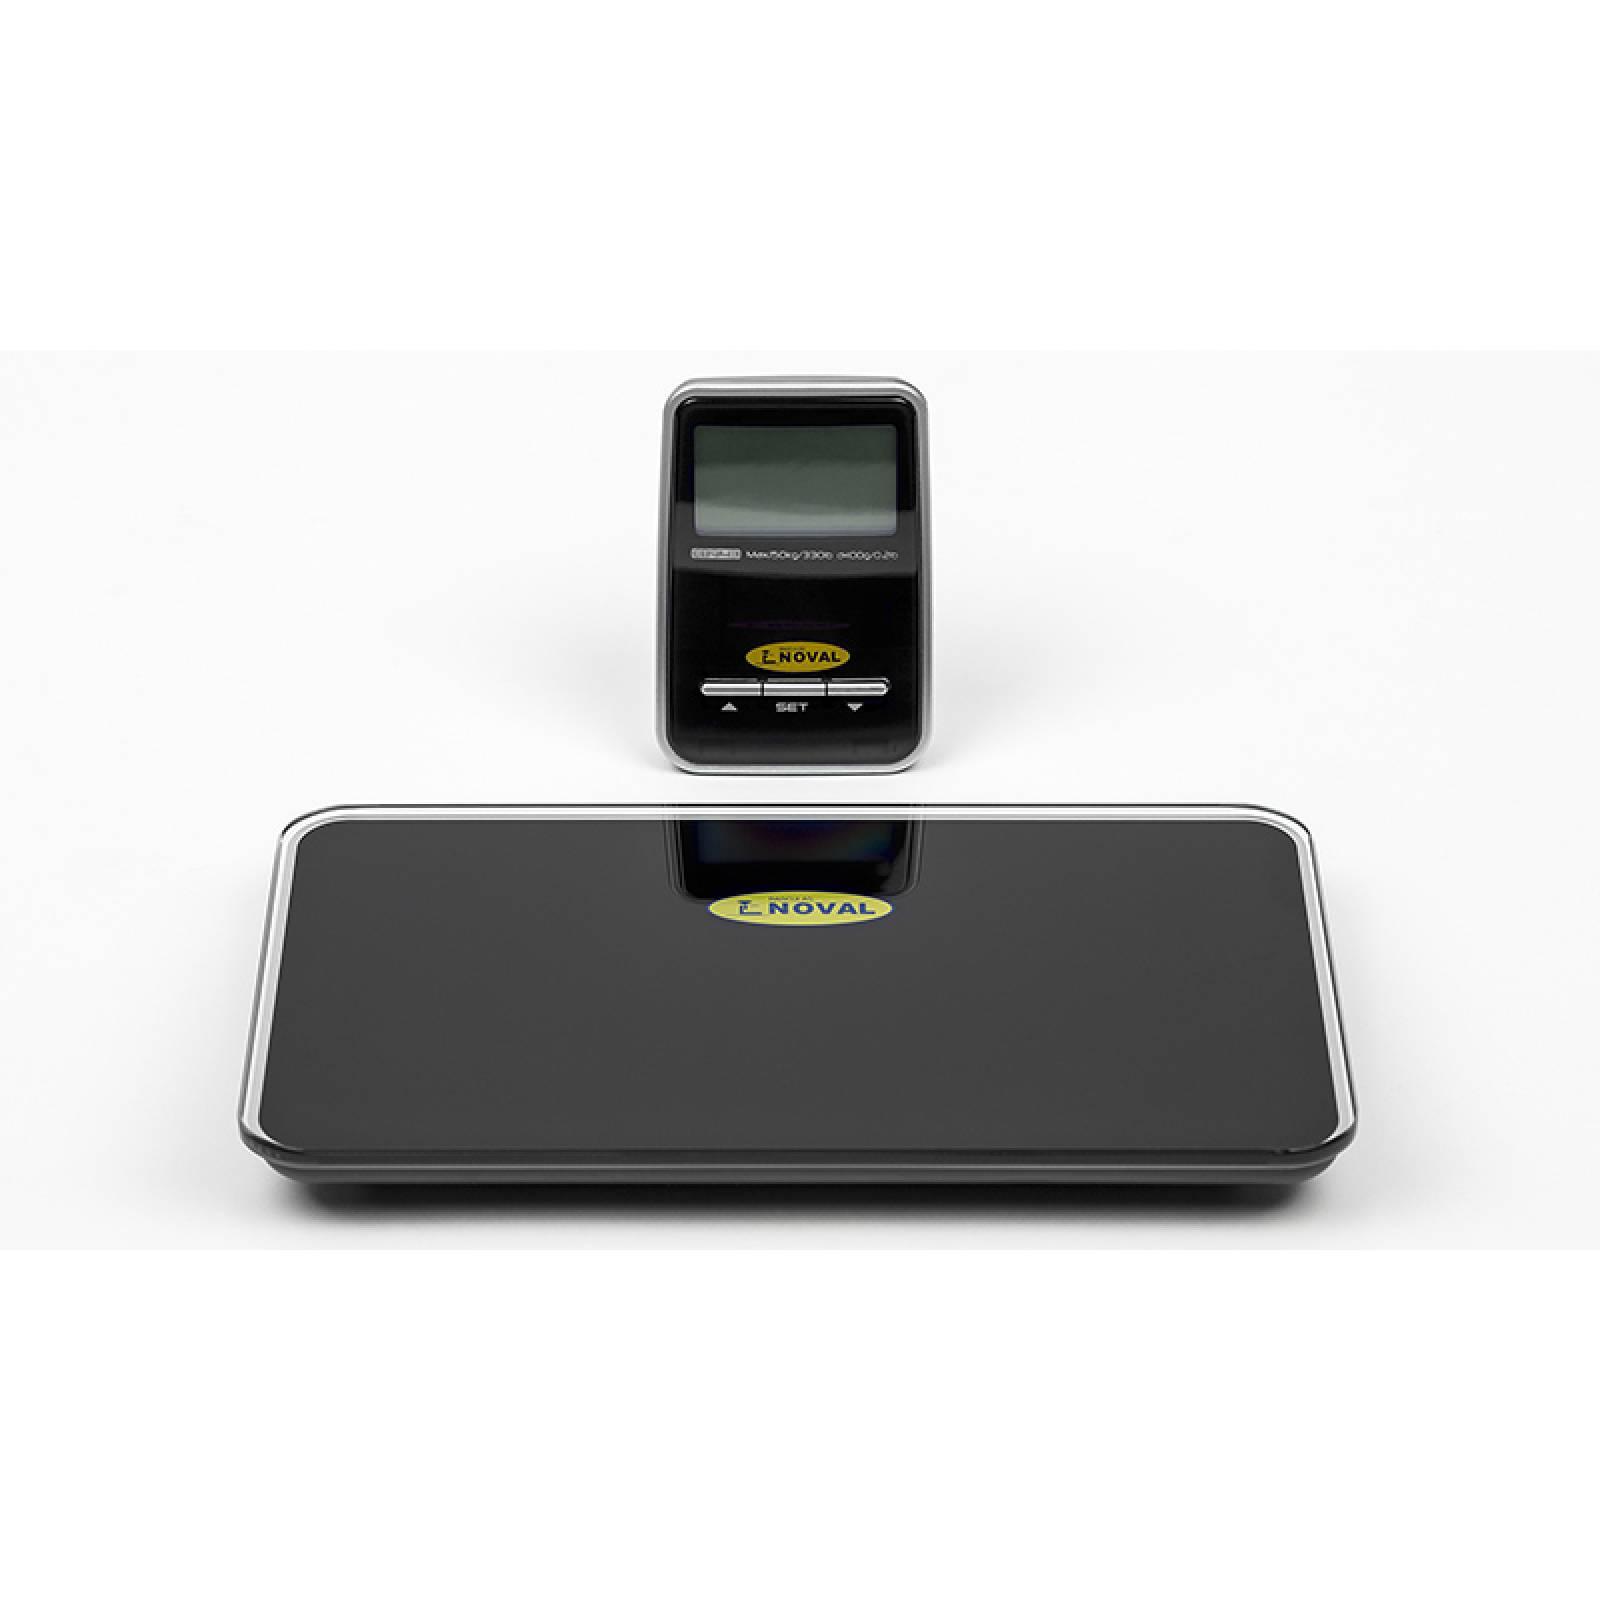 Bascula  Digital Pantalla Extraible 150 Kg  EB-9143 Noval